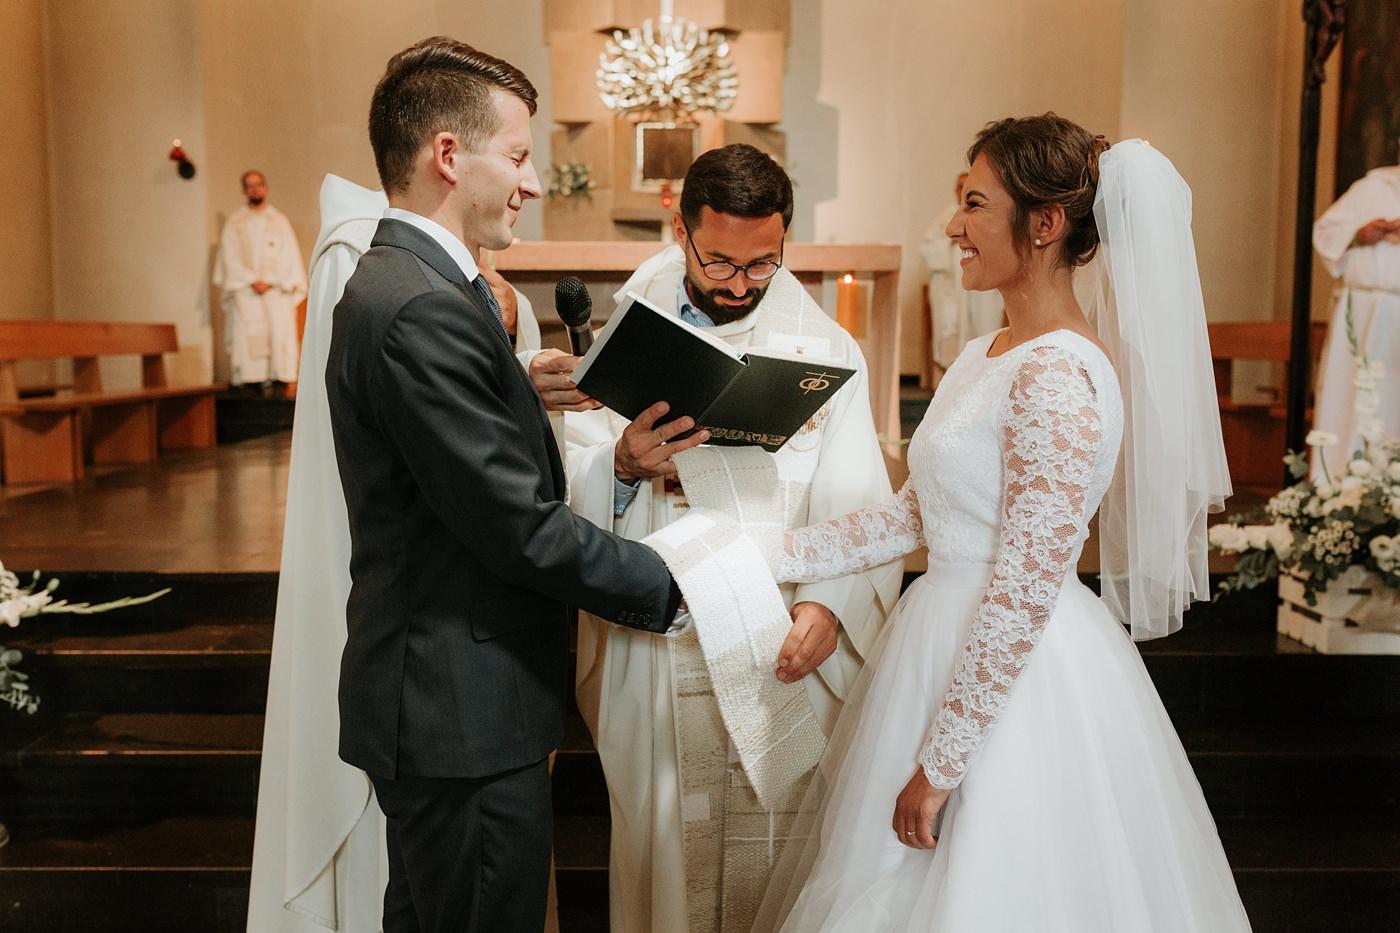 Dominika & Aleksander - Rustykalne wesele w stodole - Baborówko 54